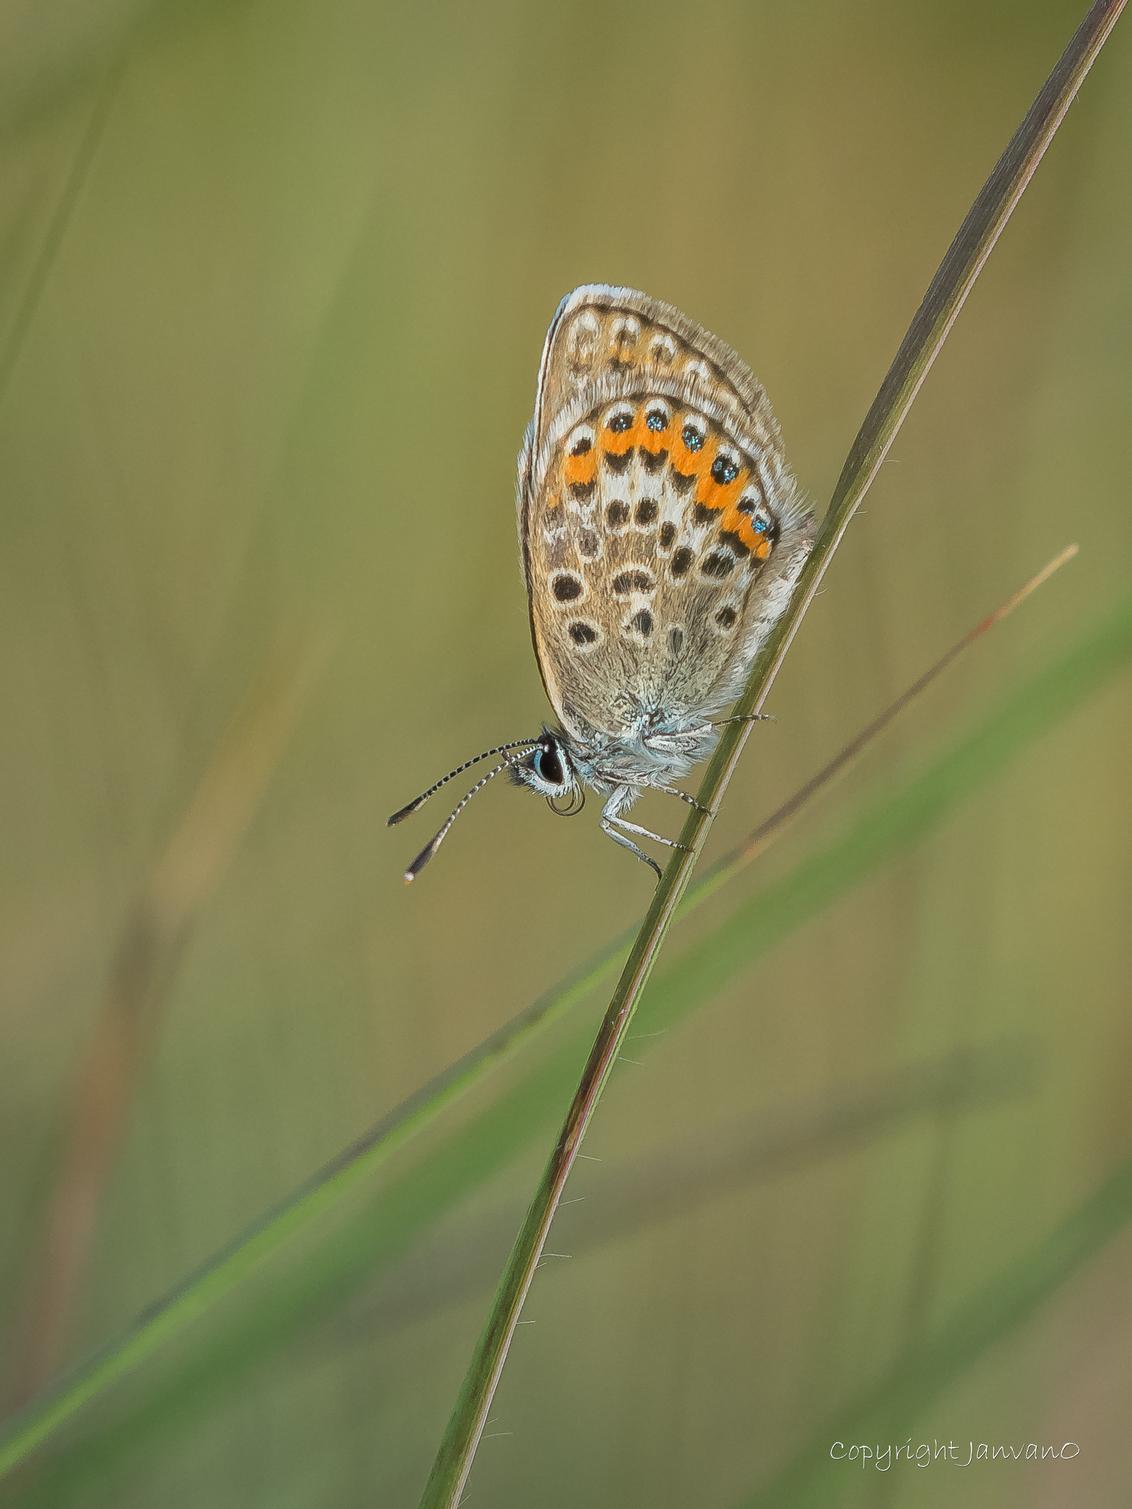 Heideblauwtje my way 2 - In de vorige upload vertel ik hoe ik graag een heideblauwtje zie, scherp, veel detail, mooie scherptediepte enz.  Ik fotografeer met Olympus, dat i - foto door JanvanO op 16-07-2018 - deze foto bevat: groen, macro, blauw, natuur, vlinder, bruin, blauwtje, geel, licht, oranje, zomer, dof, heideblauwtje, heeze, bokeh, wasven, janvano, Strabrechtse heide, sigma macrolens 150mm, olympus omd em-1